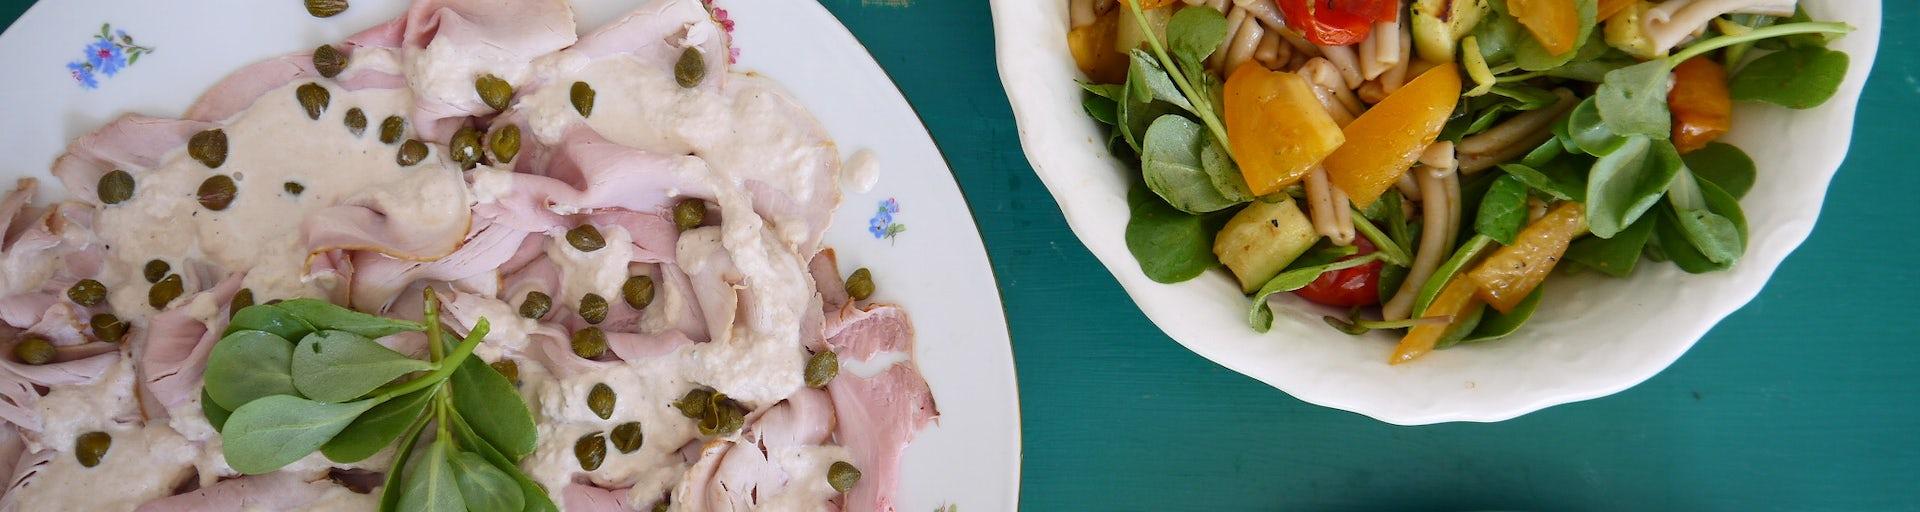 Vitello tonnato pastasalade | Maaltijdbox recept